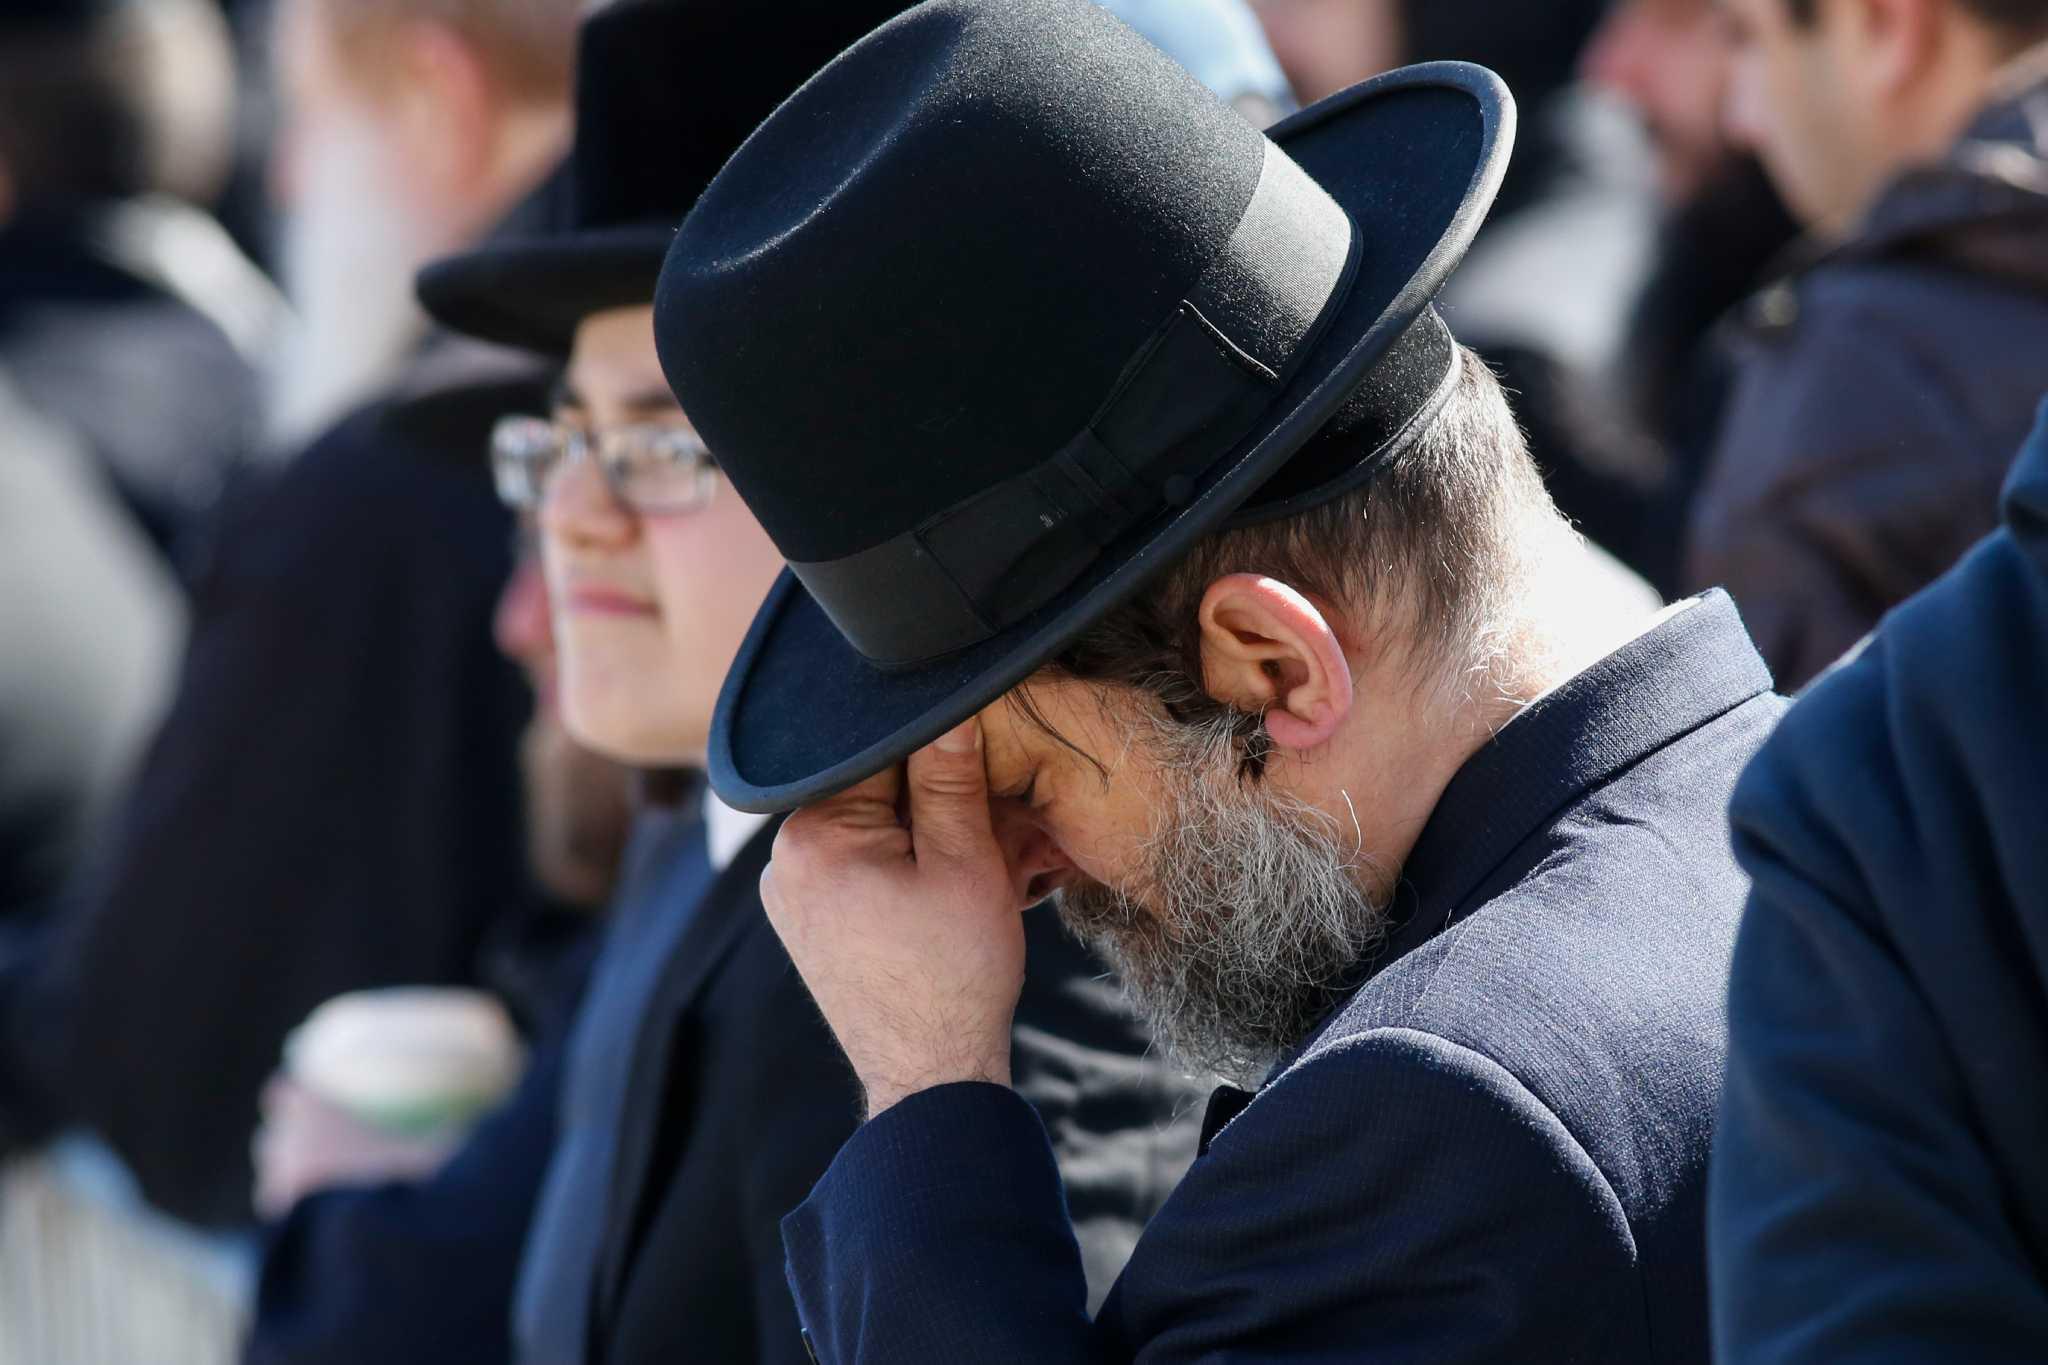 снимке, фото ушастого еврея мнение является ошибочным